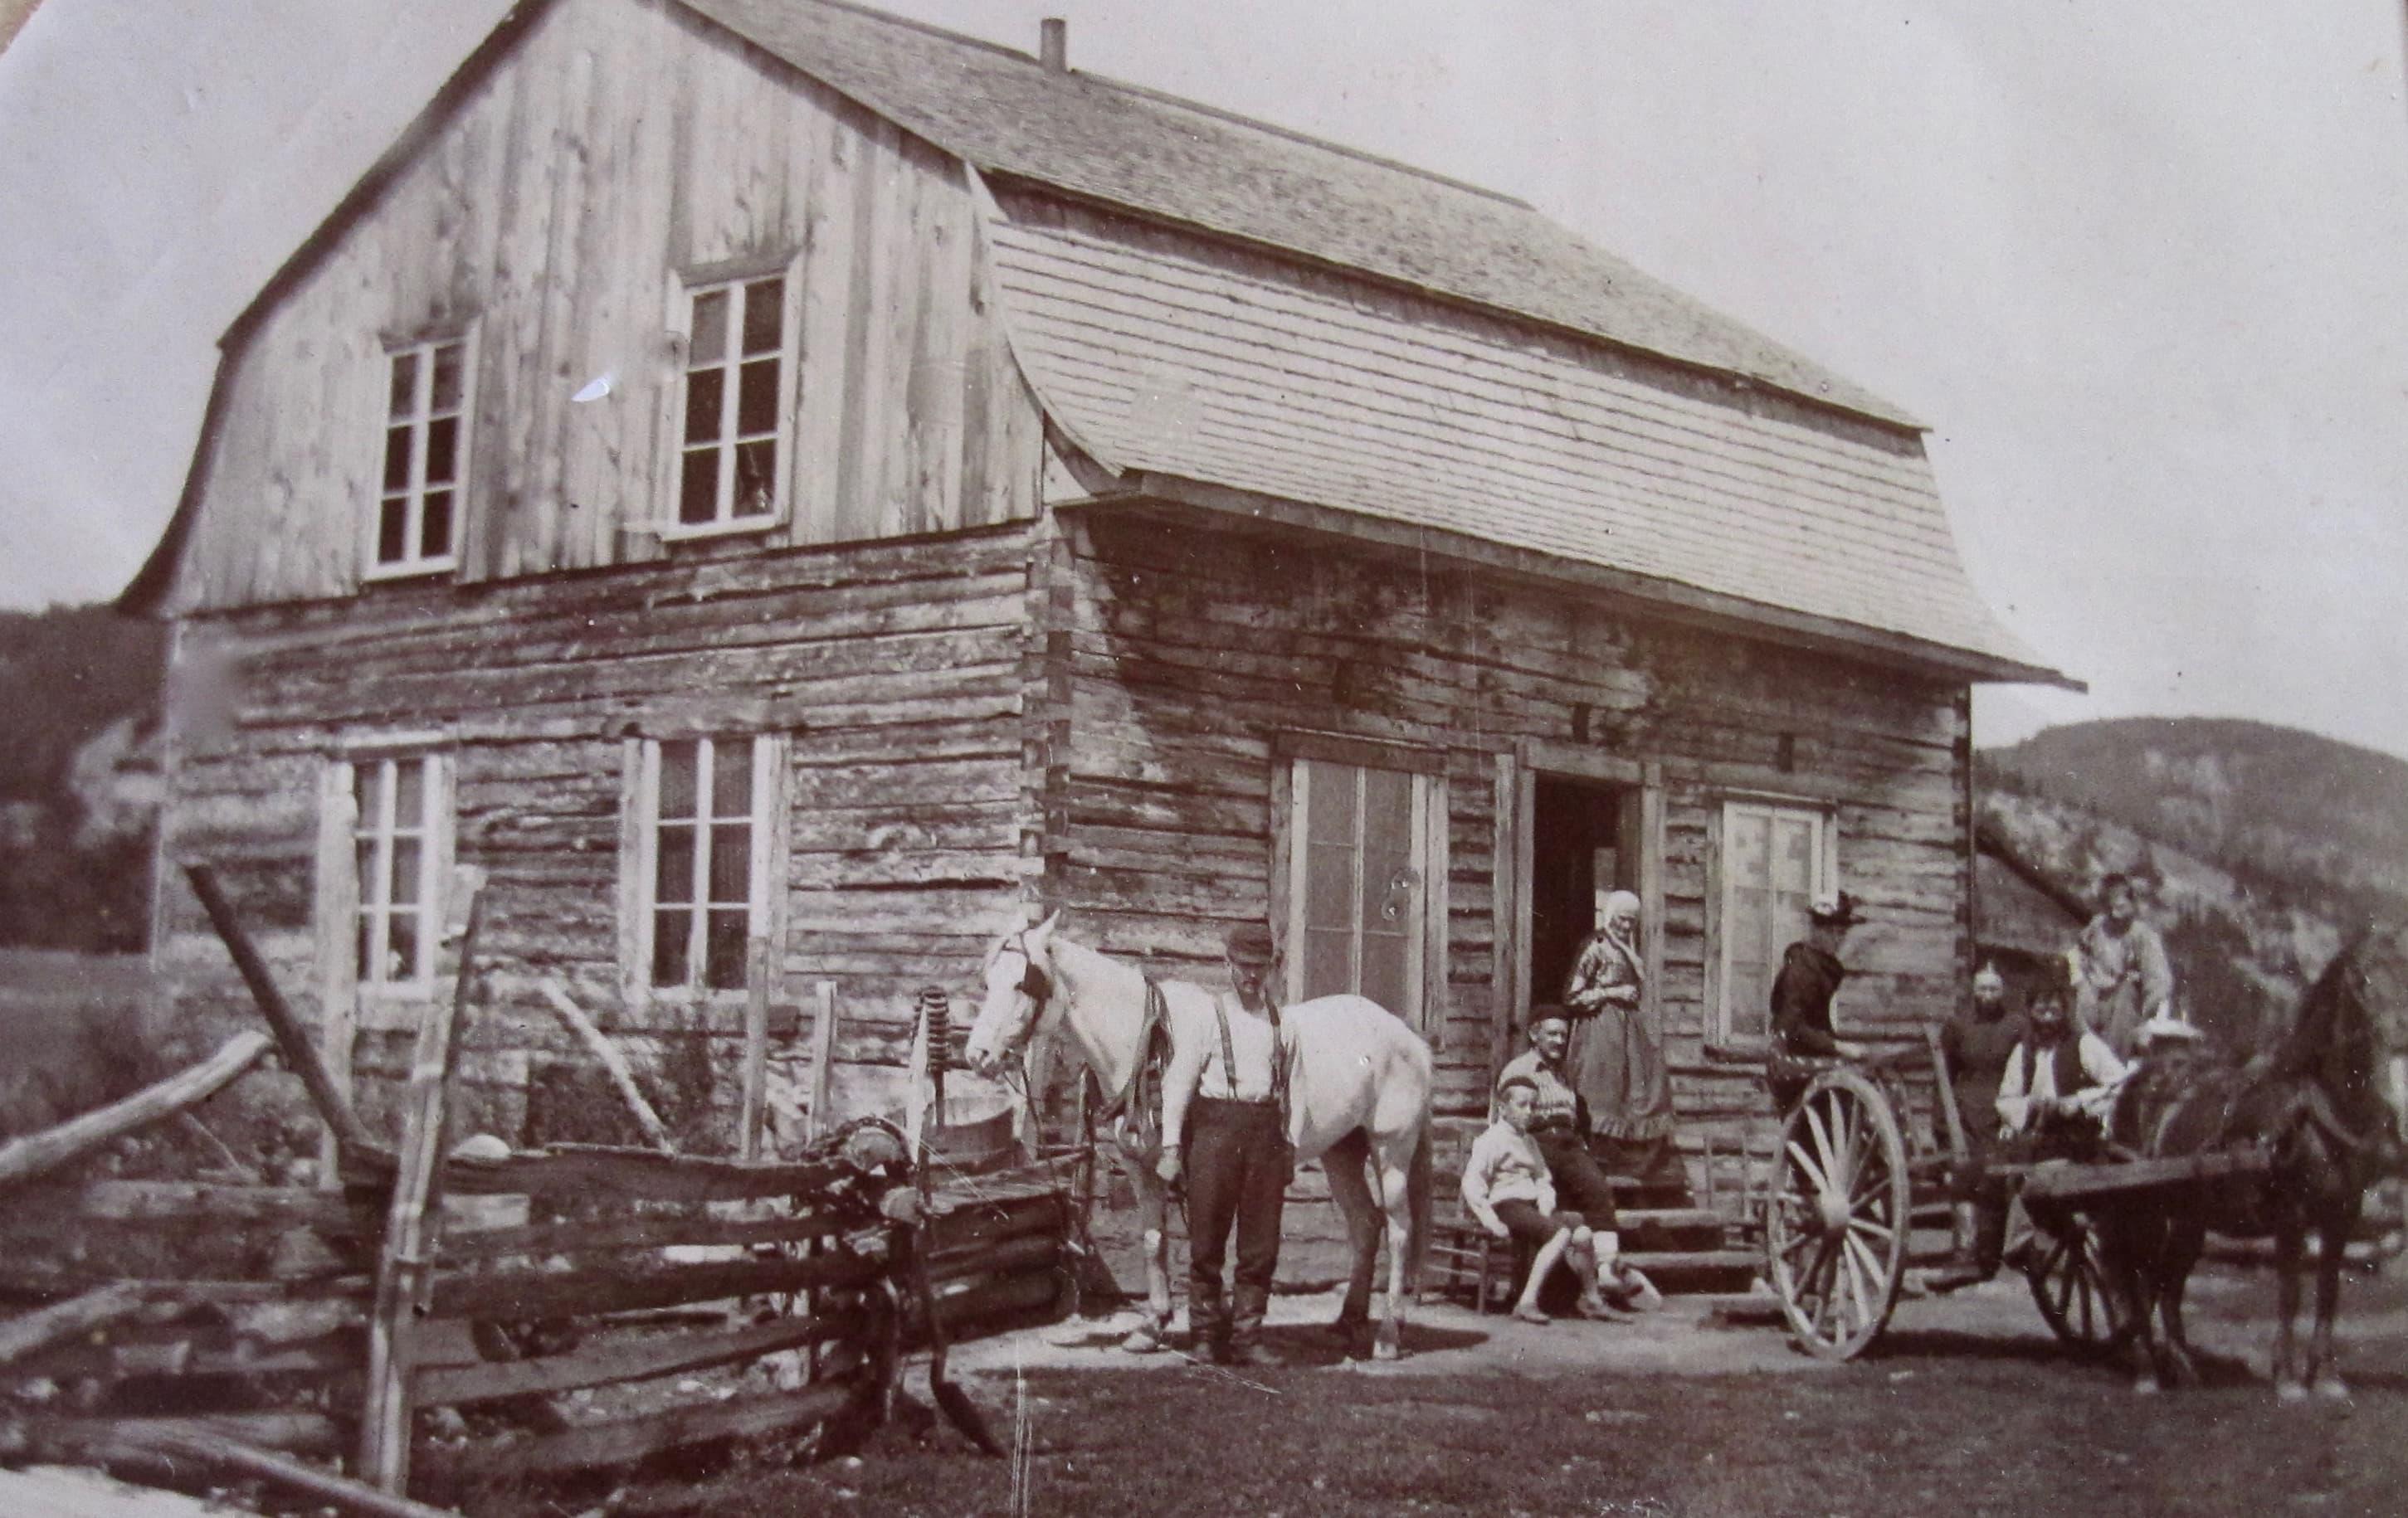 Quelques personnes posent devant une maison d'habitant construite en pièces sur pièces. Deux chevaux sont au repos.